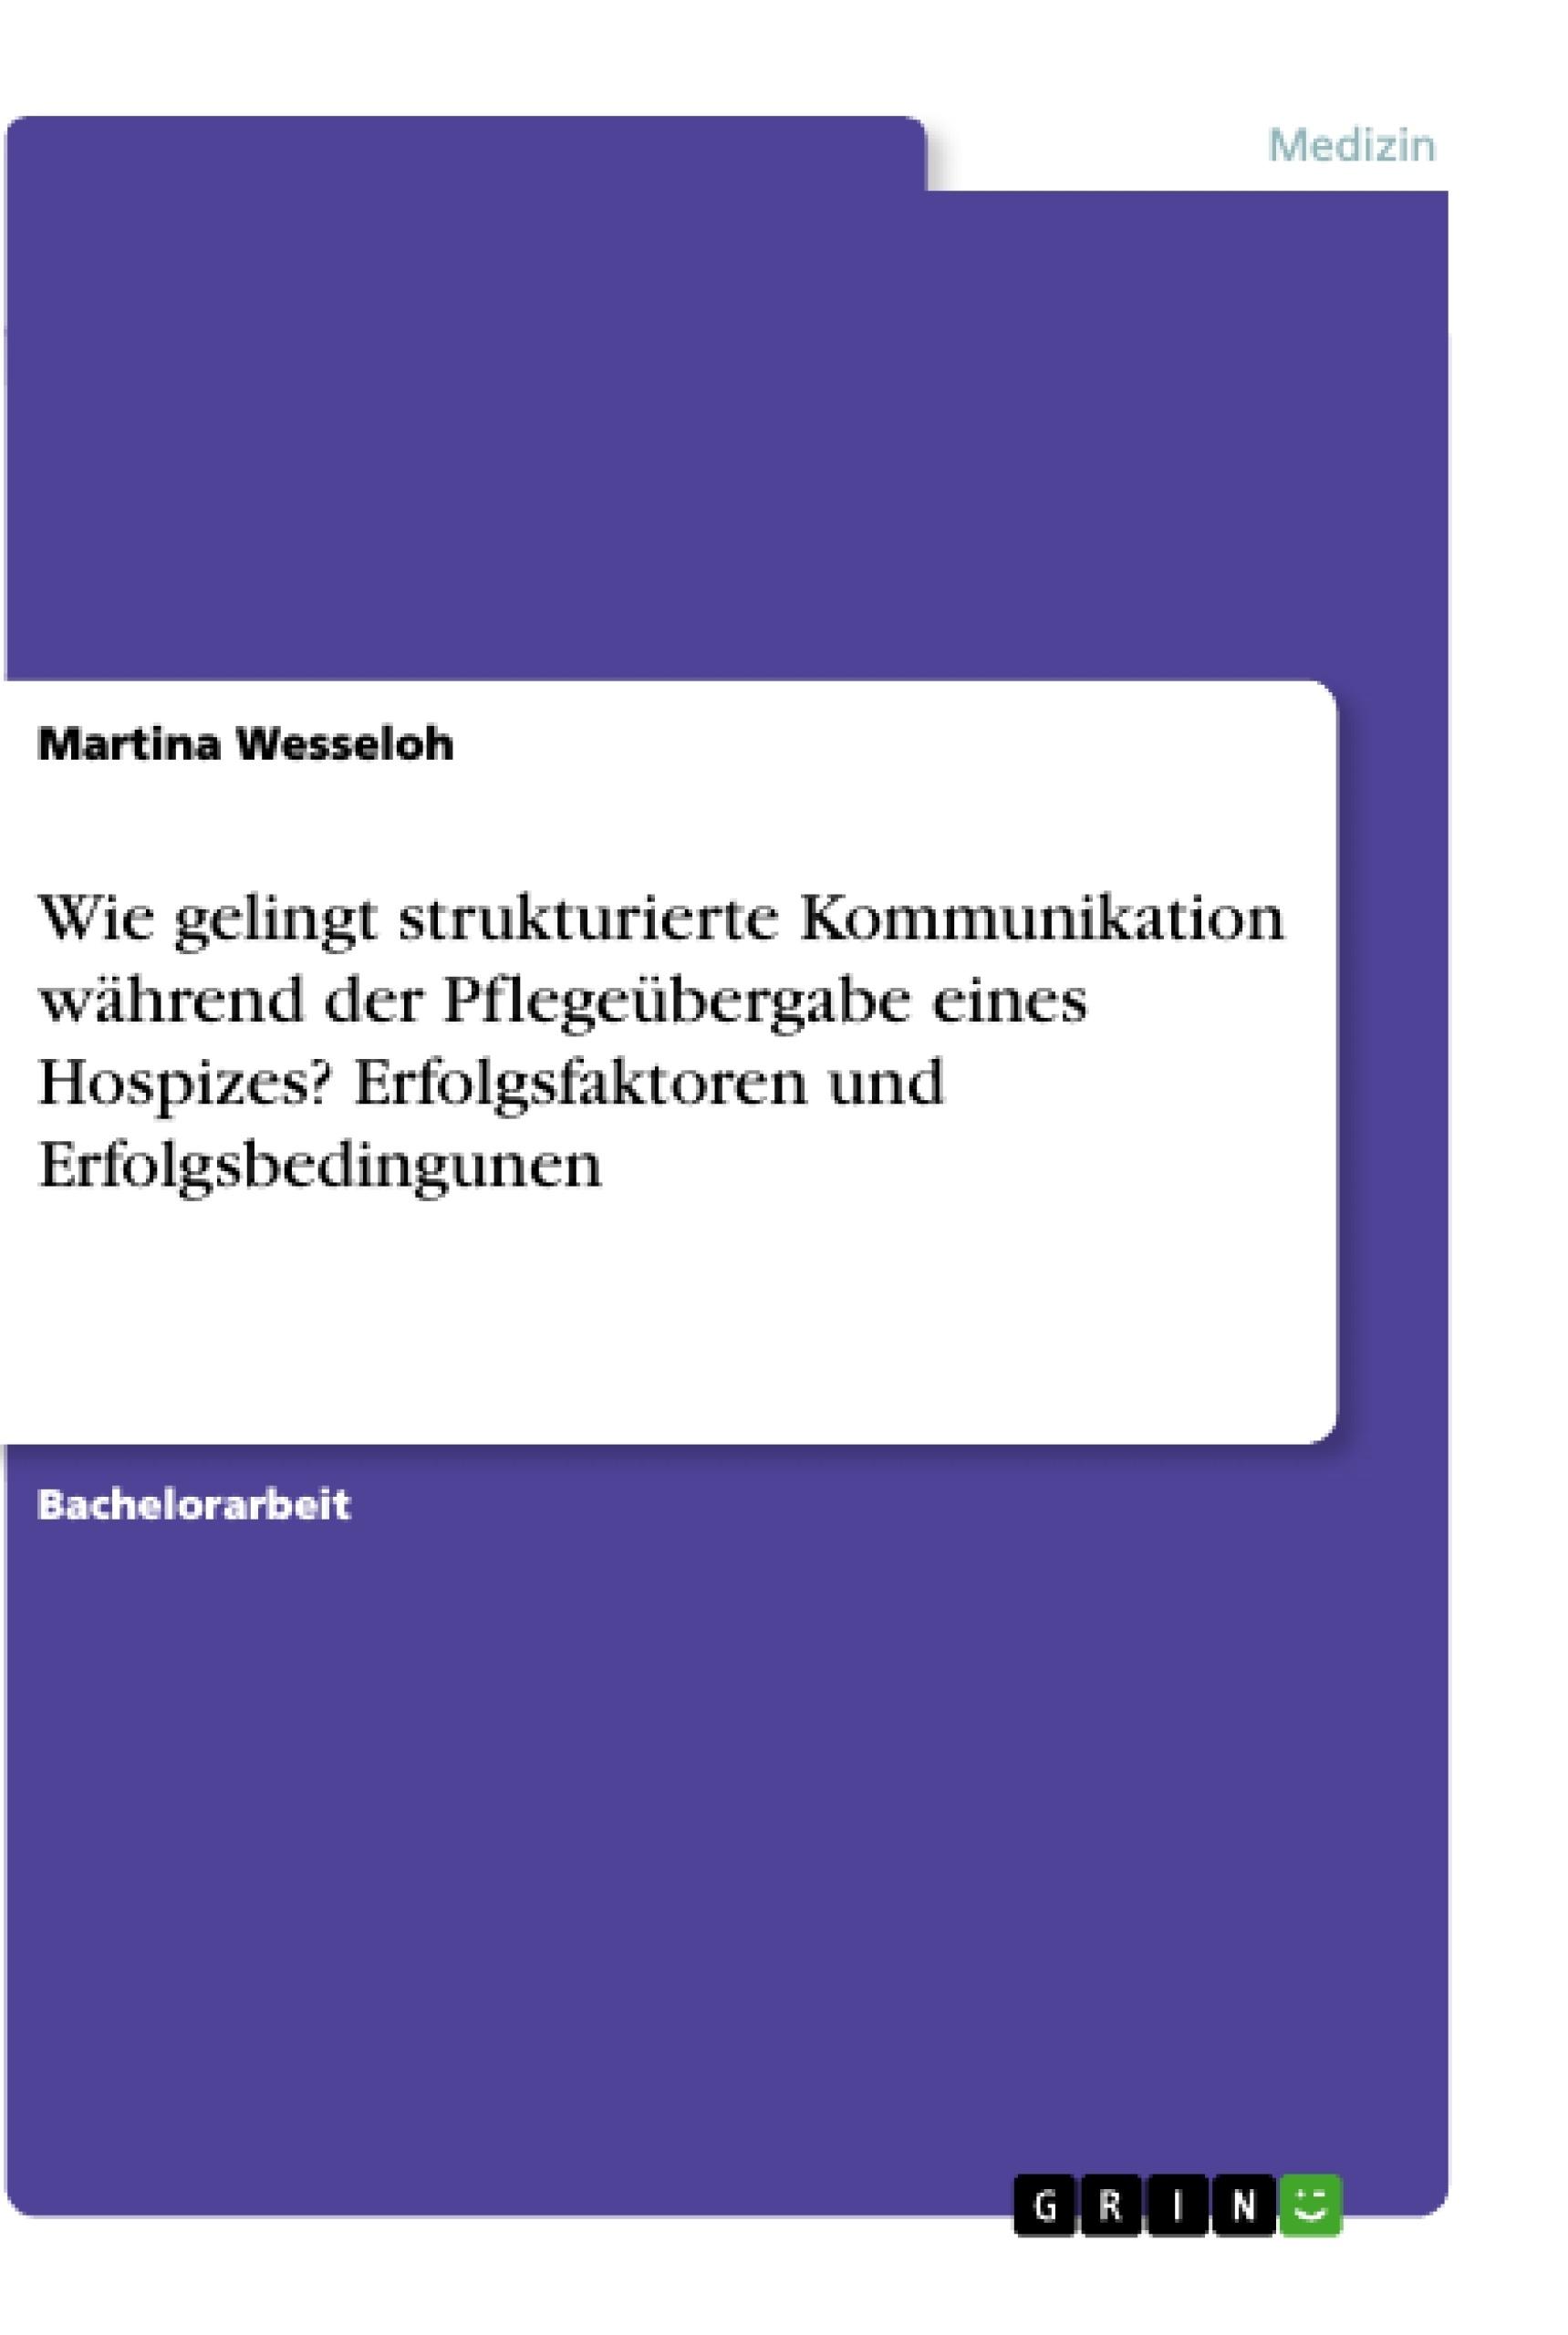 Titel: Wie gelingt strukturierte Kommunikation während der Pflegeübergabe eines Hospizes? Erfolgsfaktoren und Erfolgsbedingunen